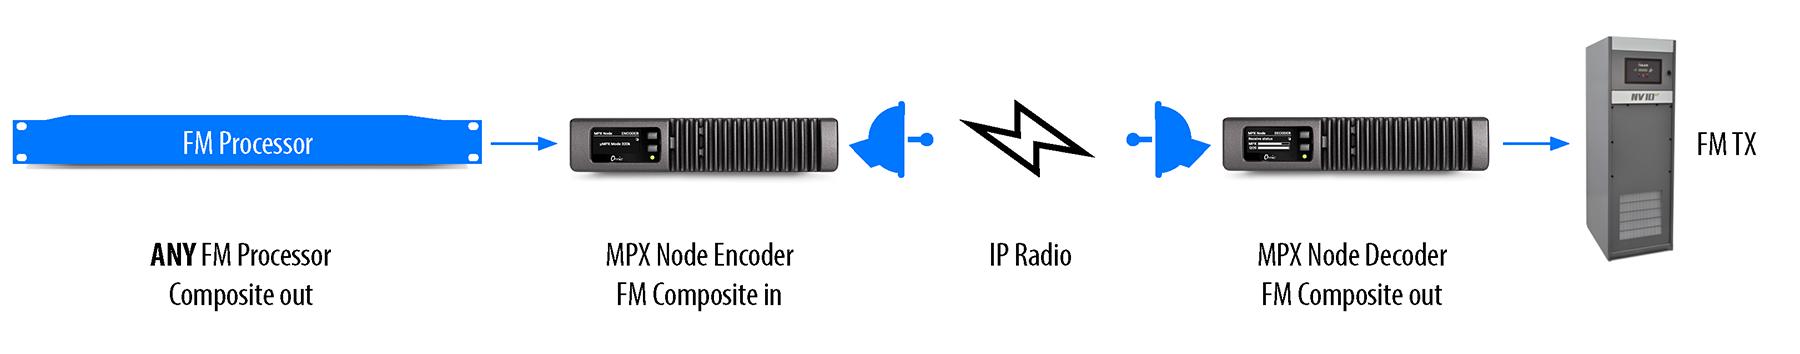 MPX Node Diagram_4